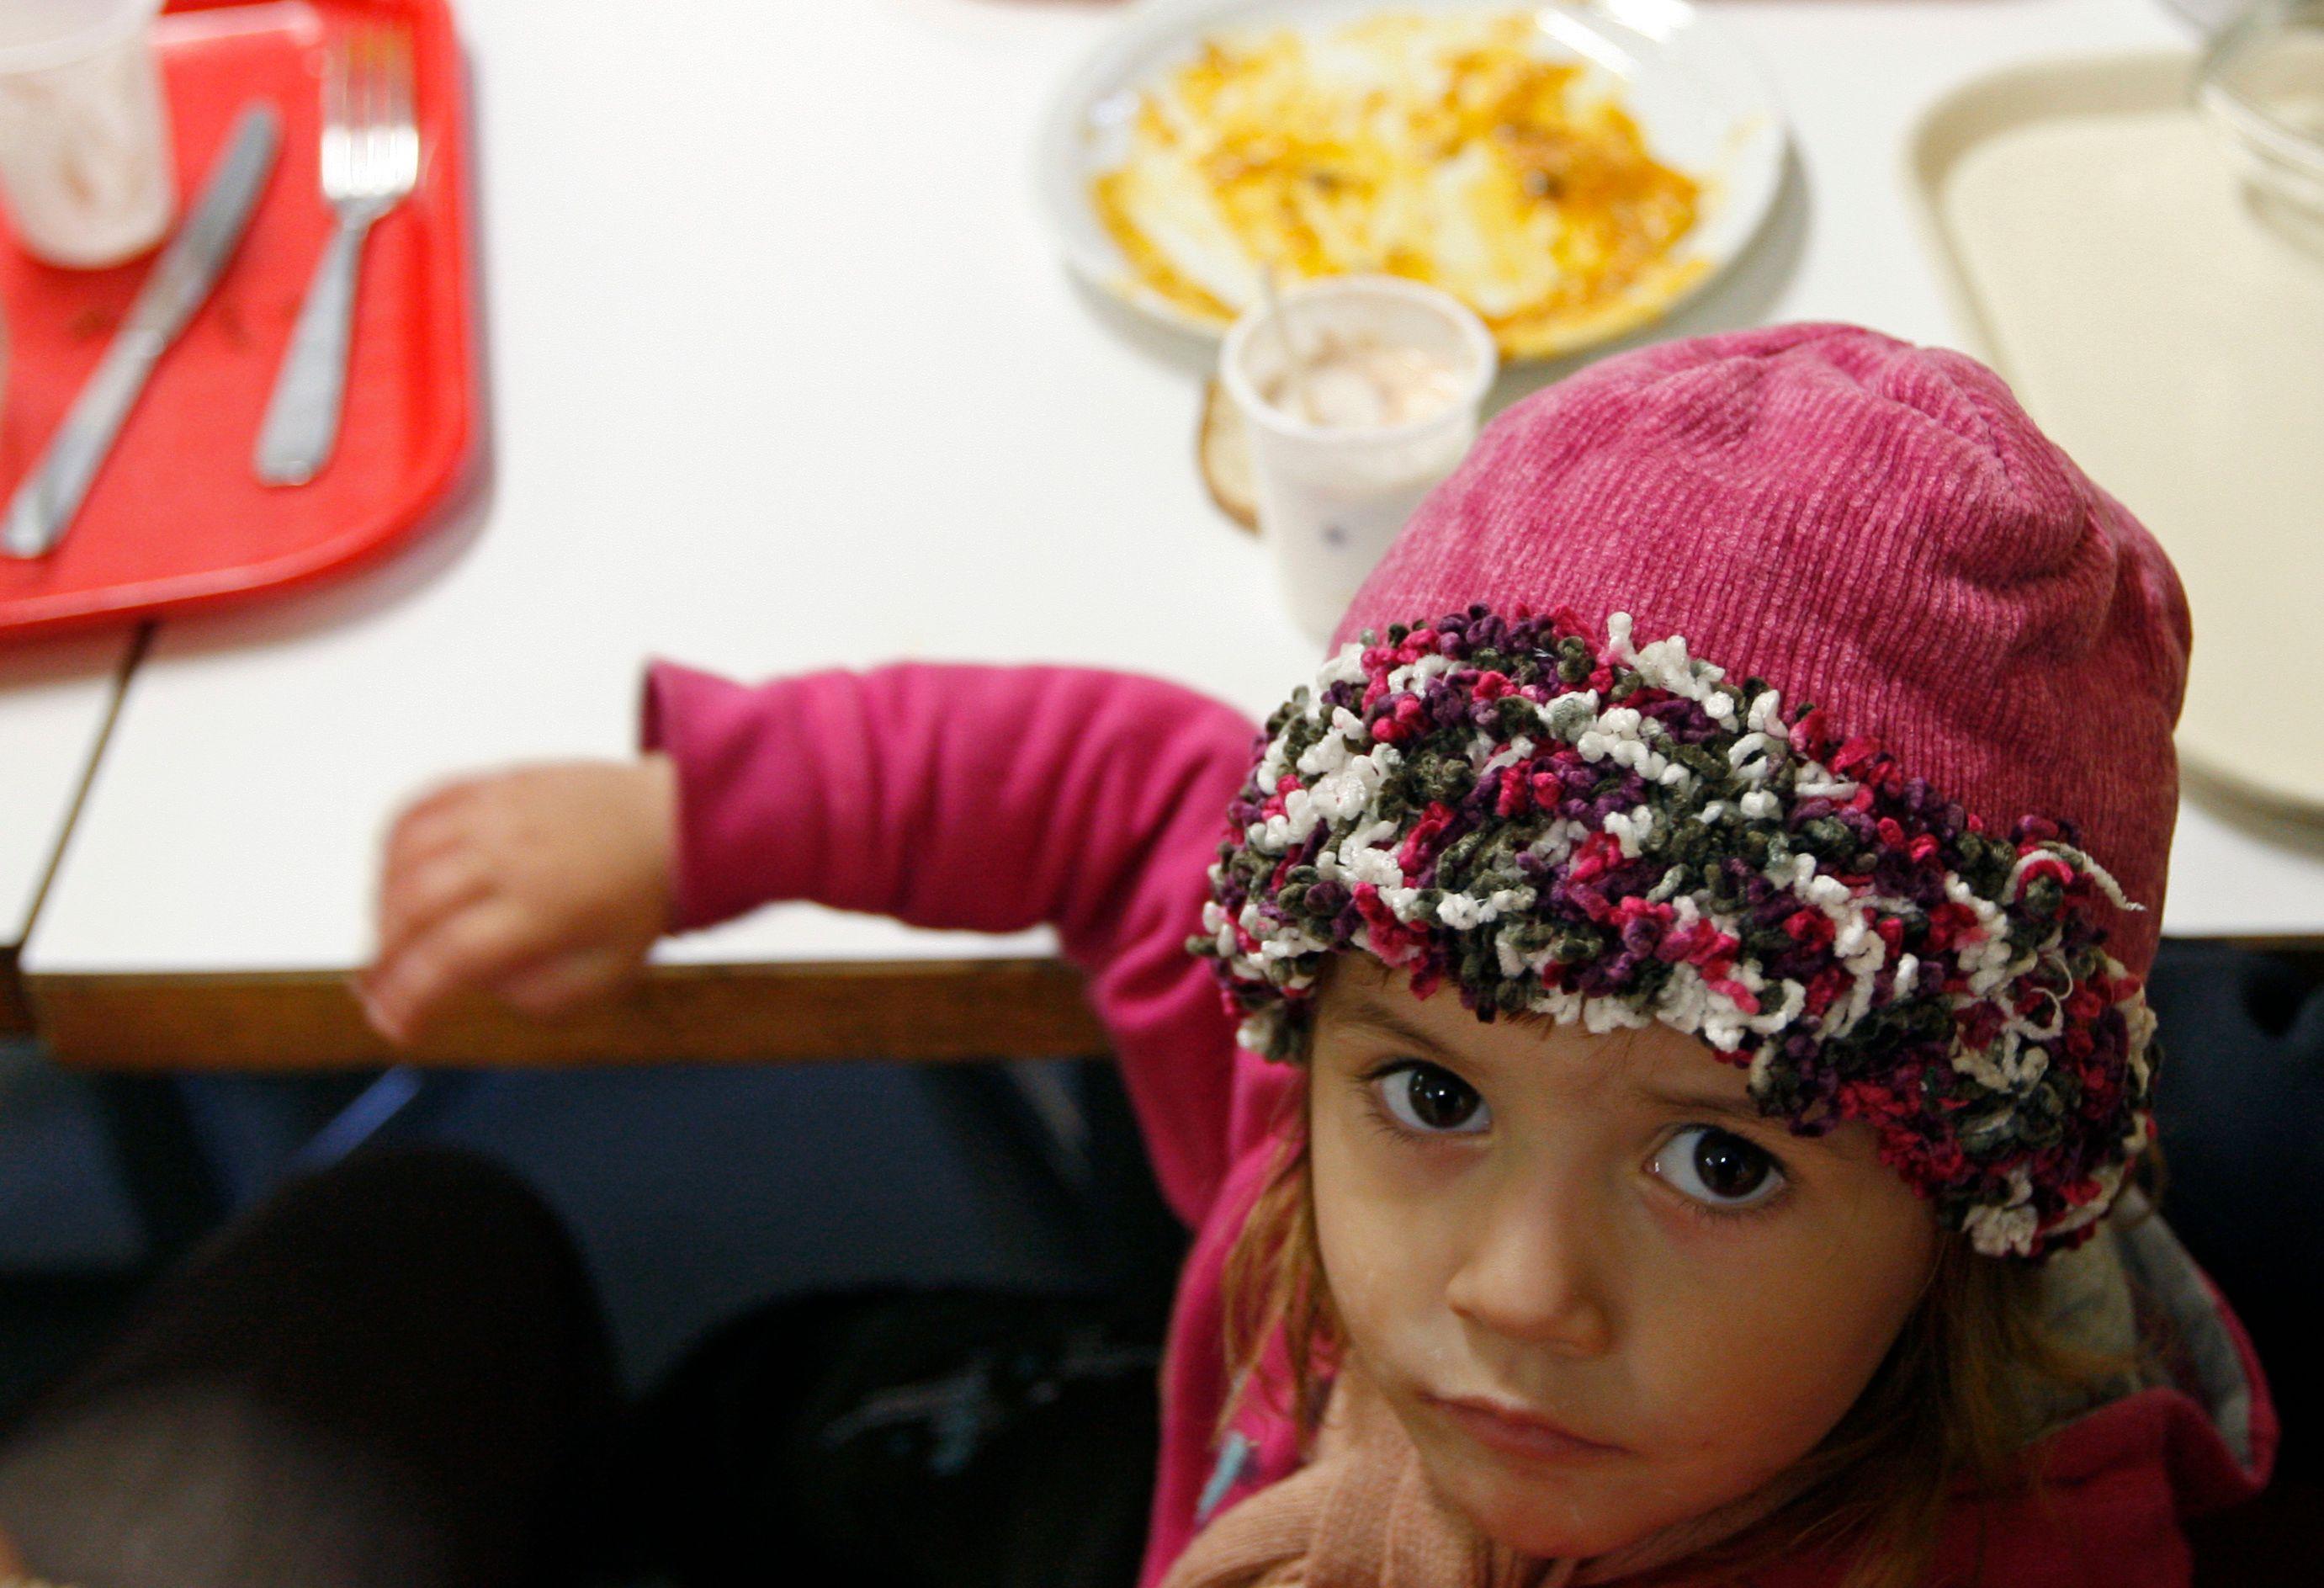 """88% des enfants sondés estiment qu'il y a """"beaucoup"""" de pauvreté dans le monde."""